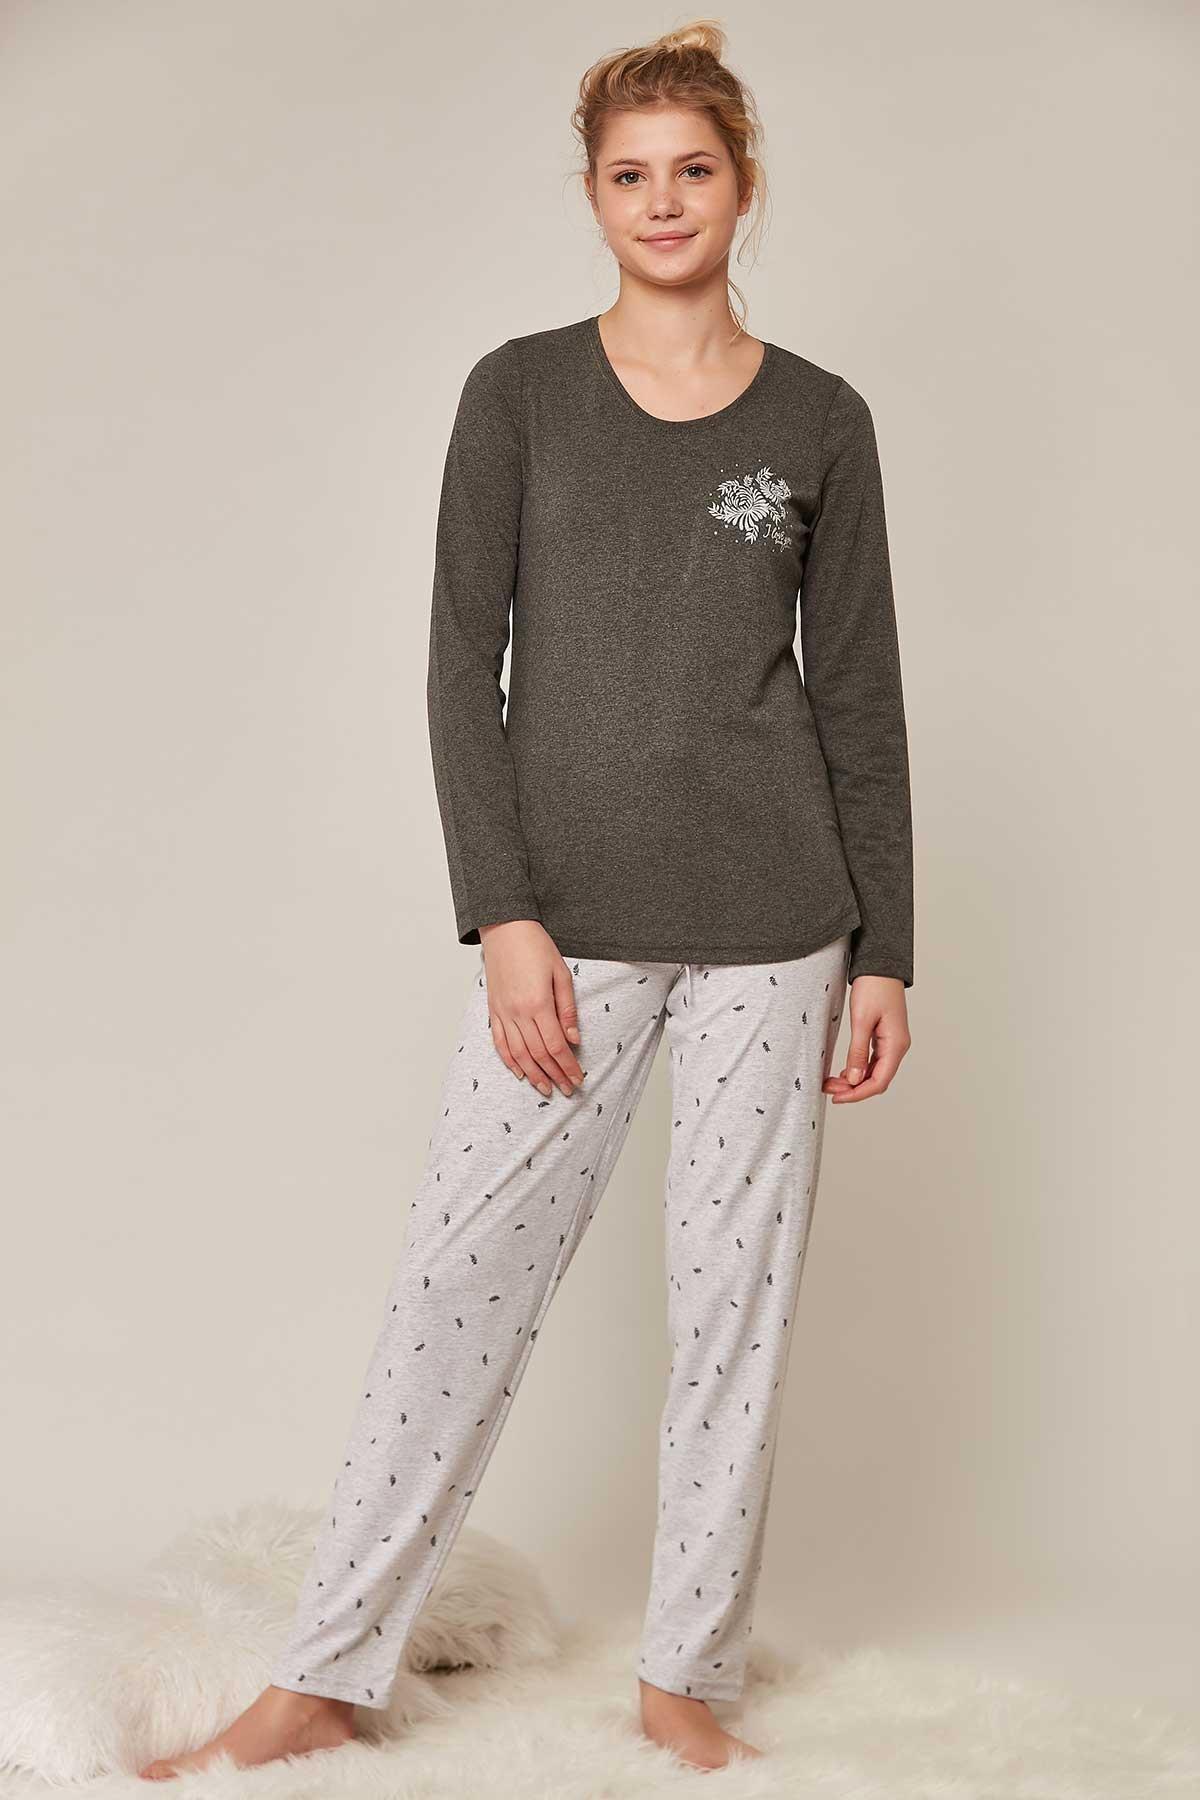 Pattaya Kadın Desenli Uzun Kollu Pijama Takımı 802194 1